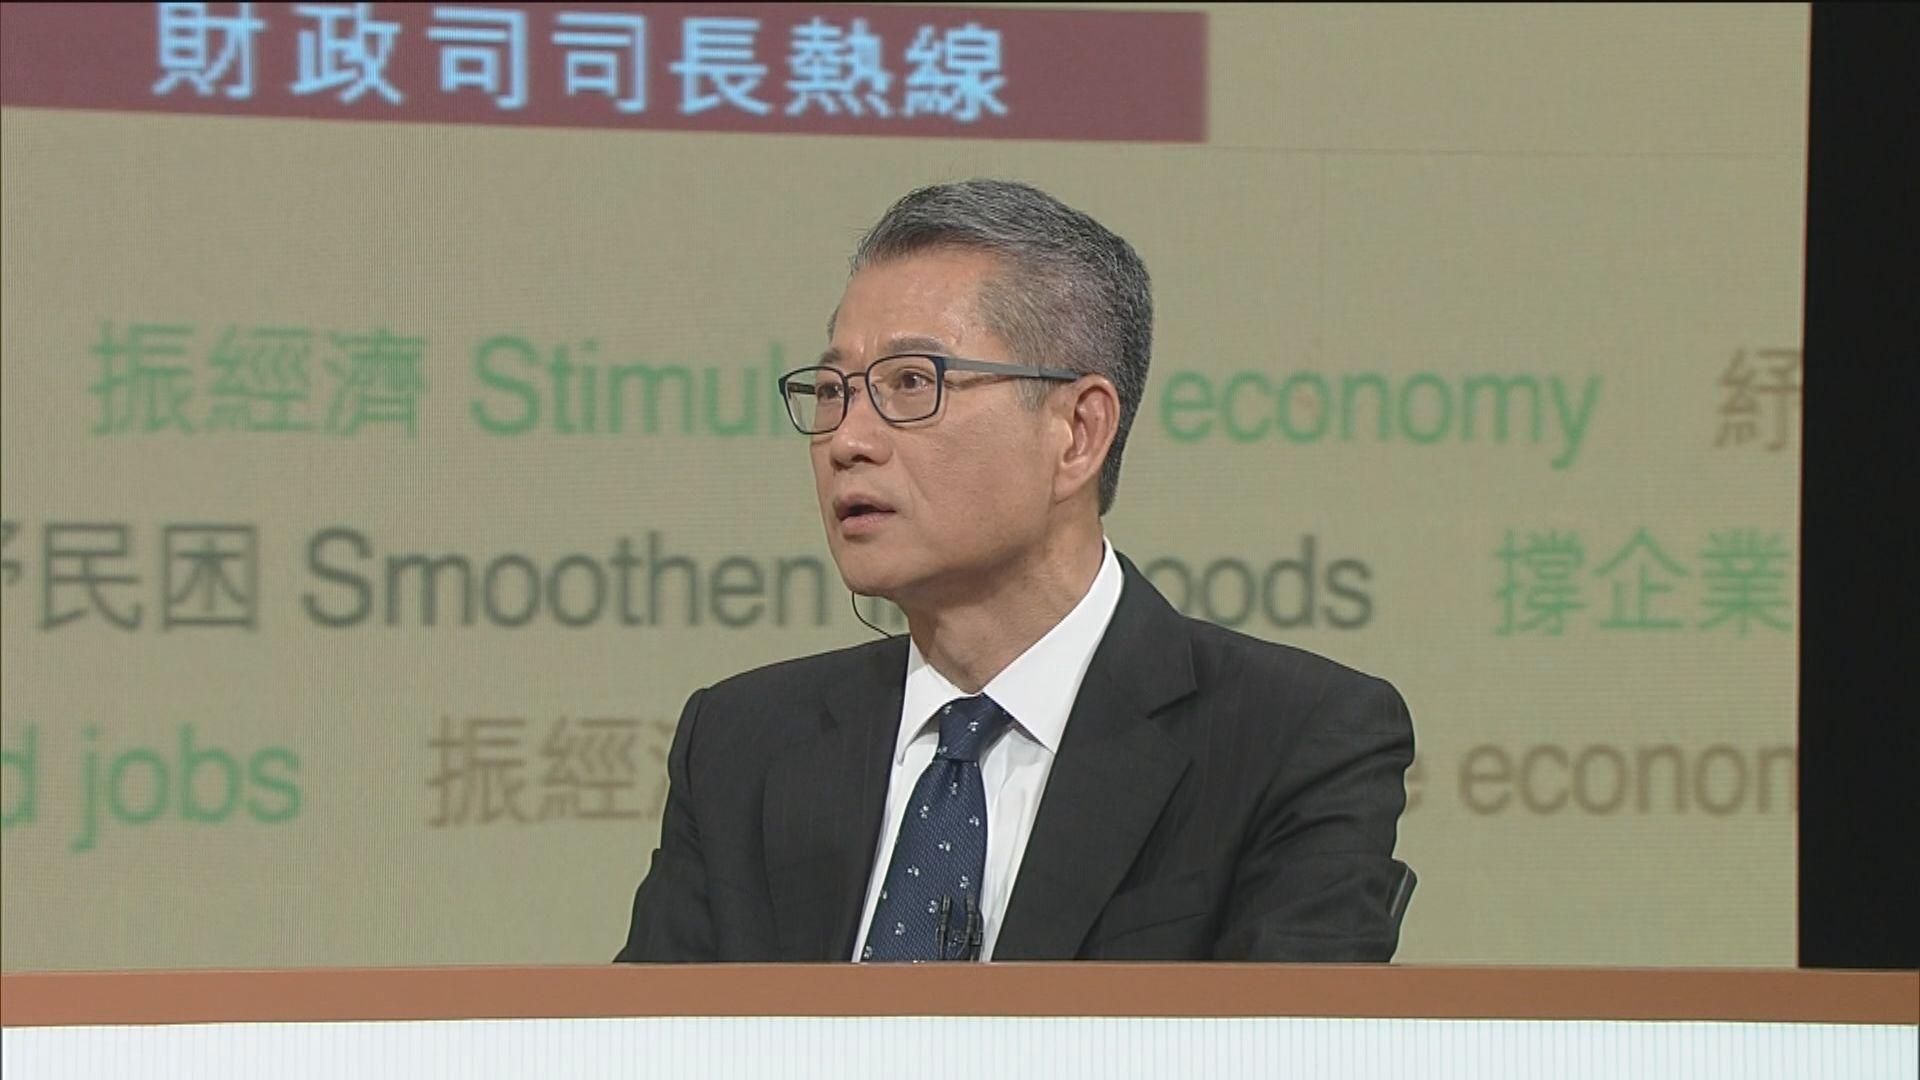 陳茂波:將來投放醫療教育等範疇資源不如以往多